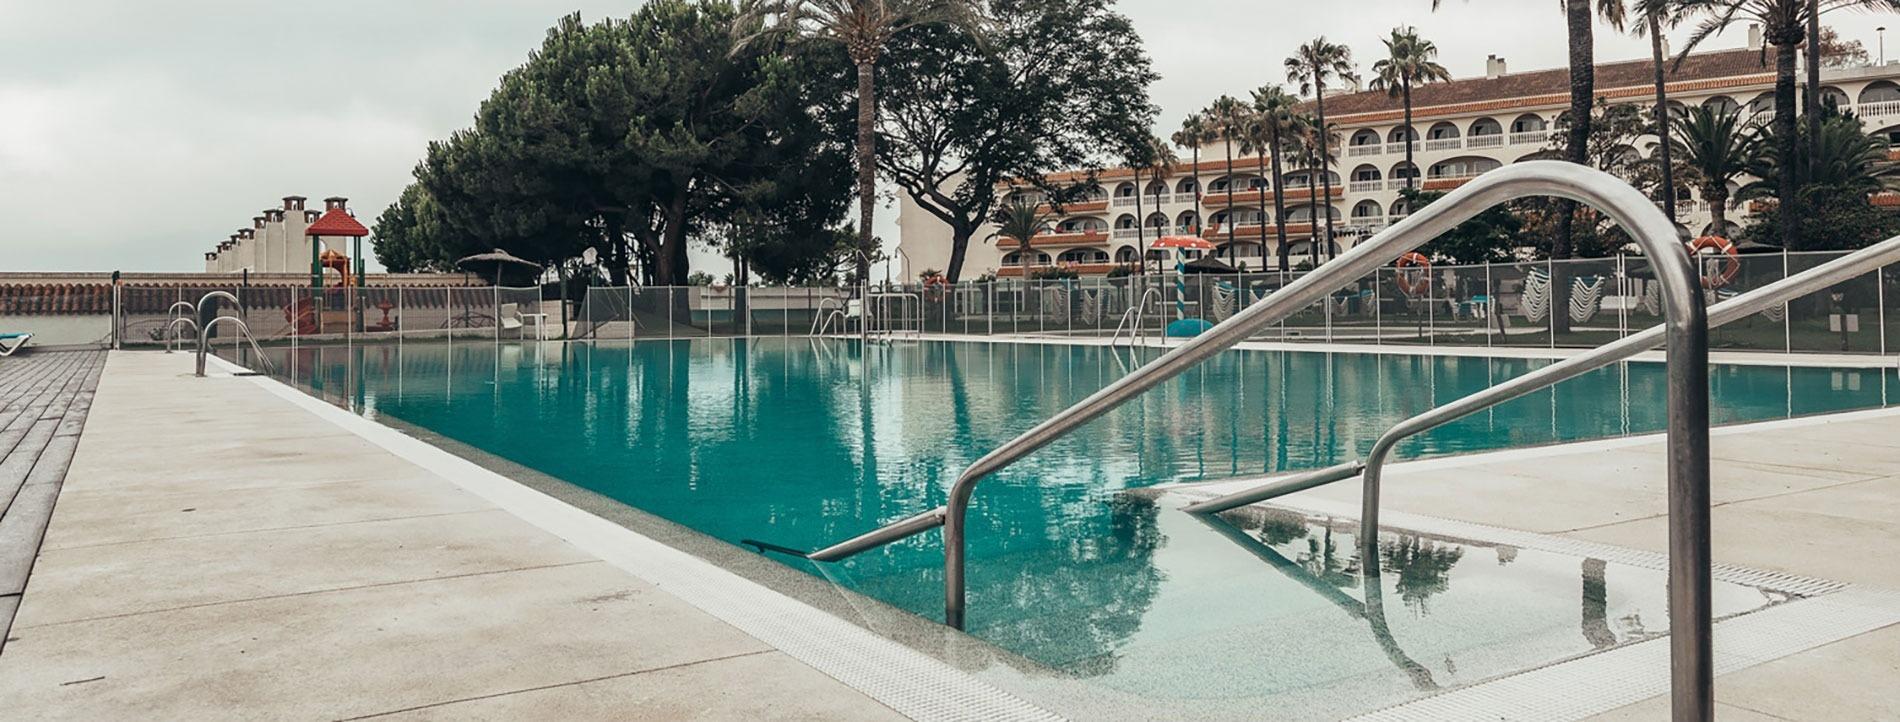 Vistas de las terrazas del hotel y el entorno